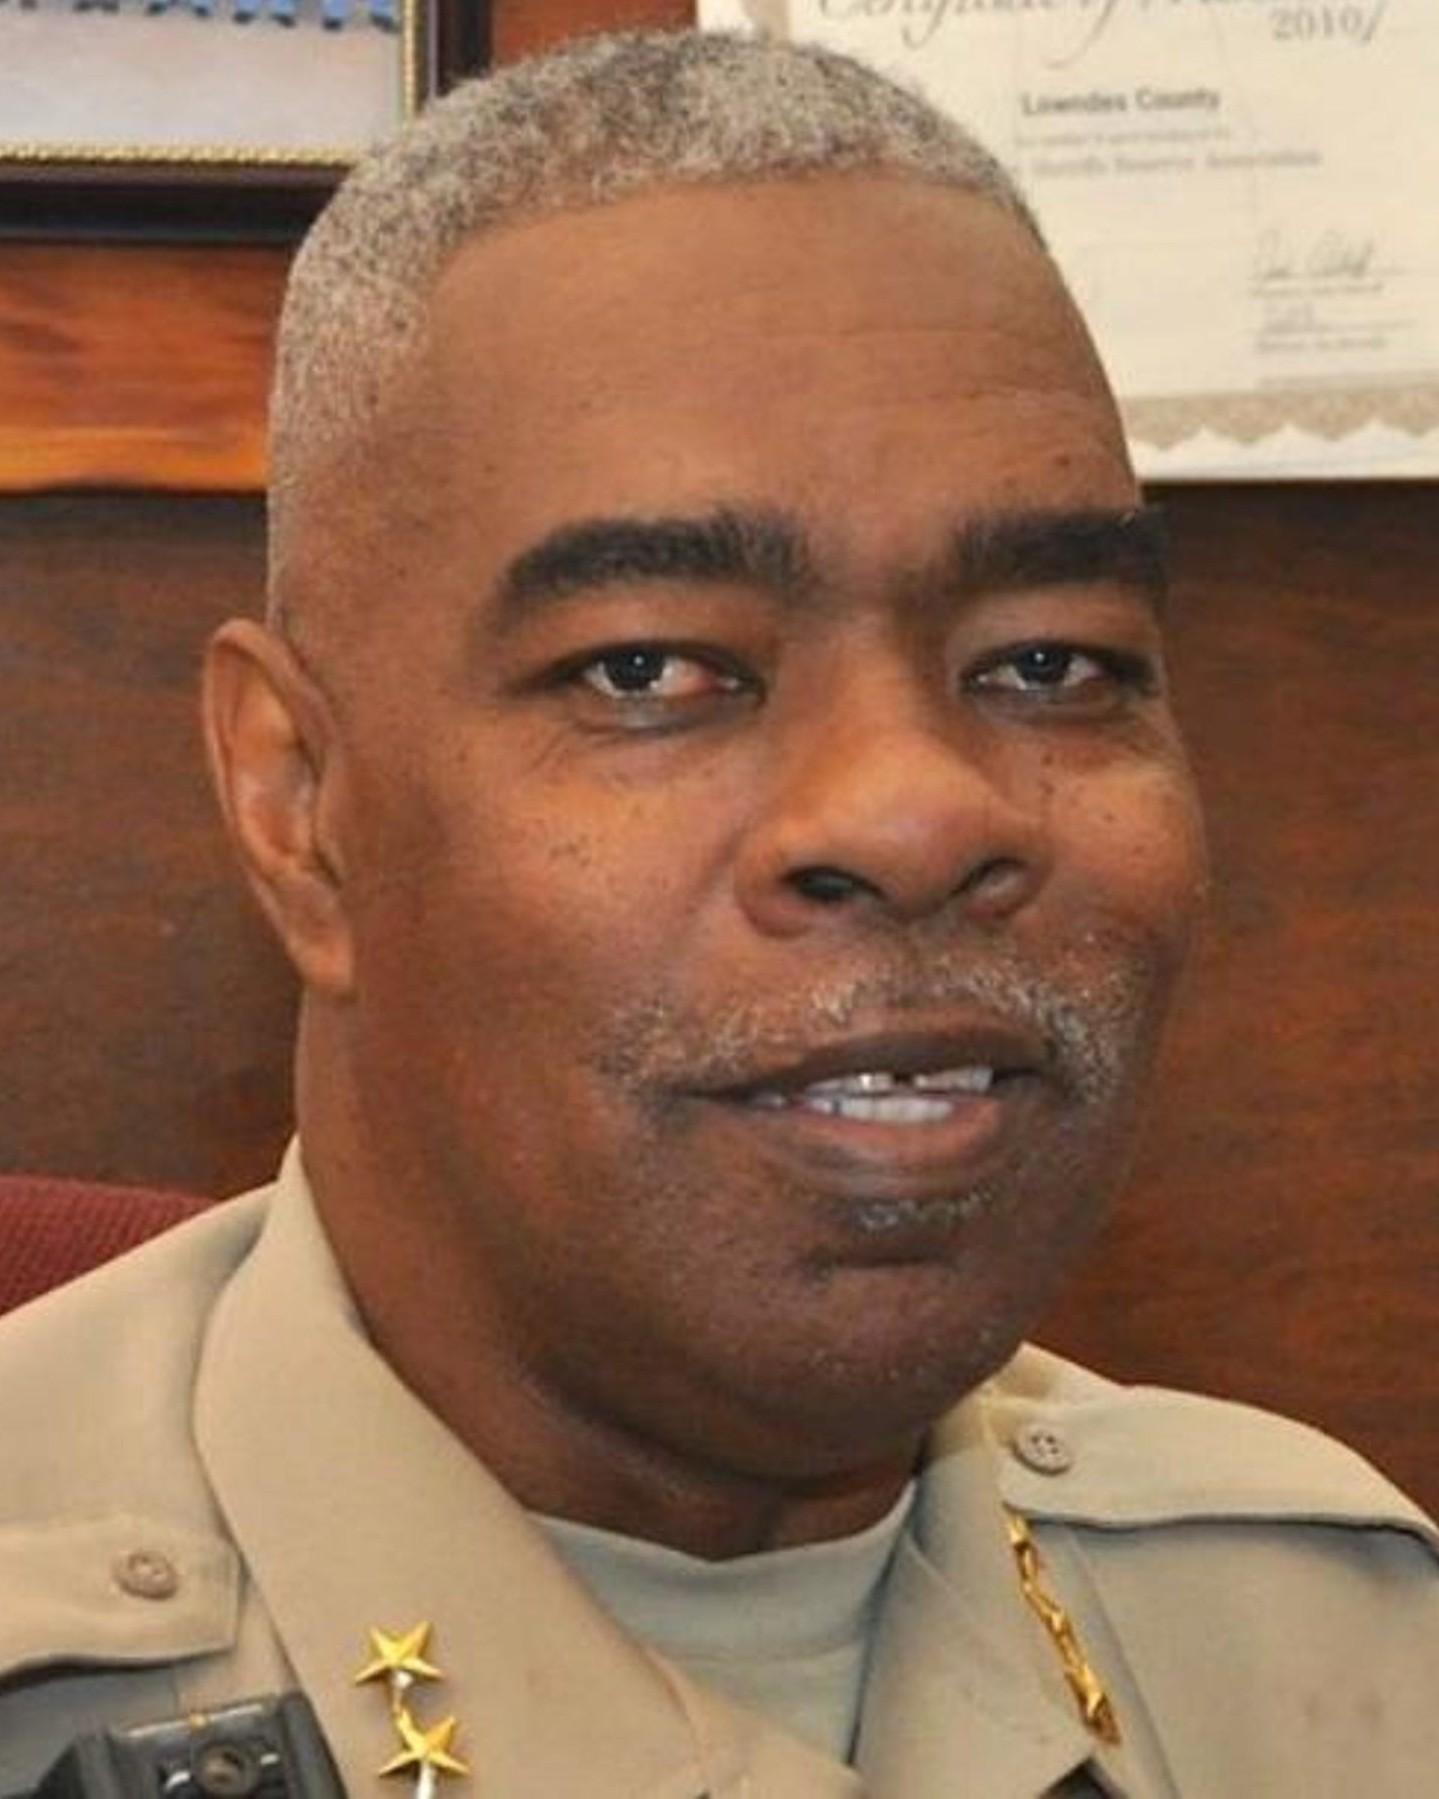 Sheriff John Arthur